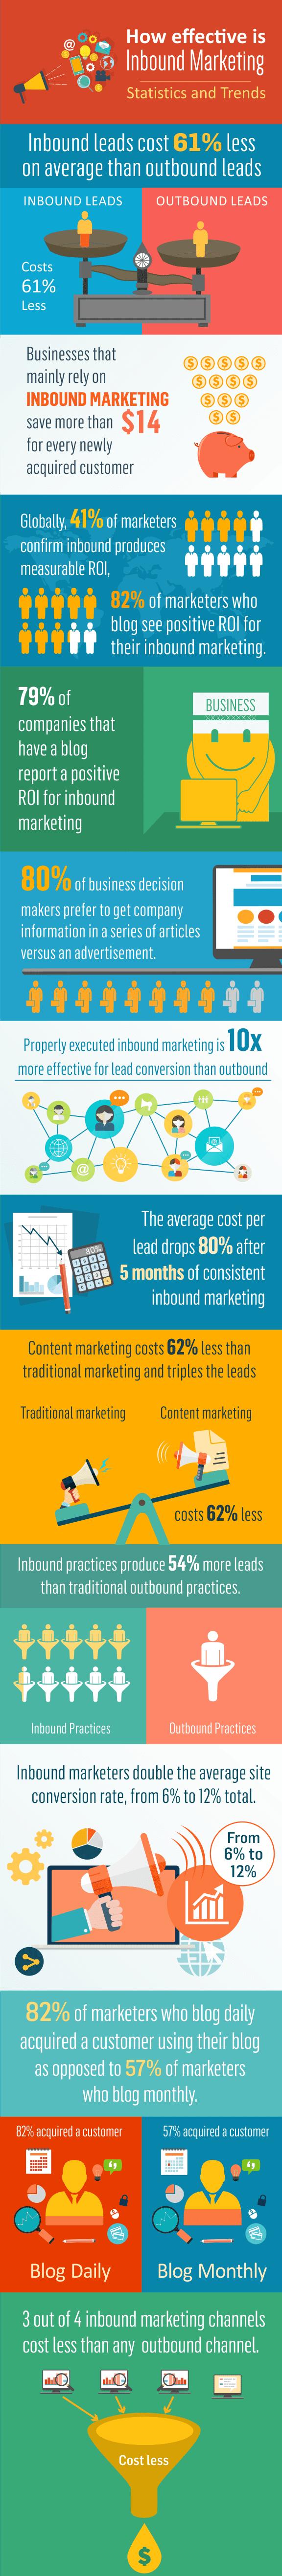 effective inbound marketing